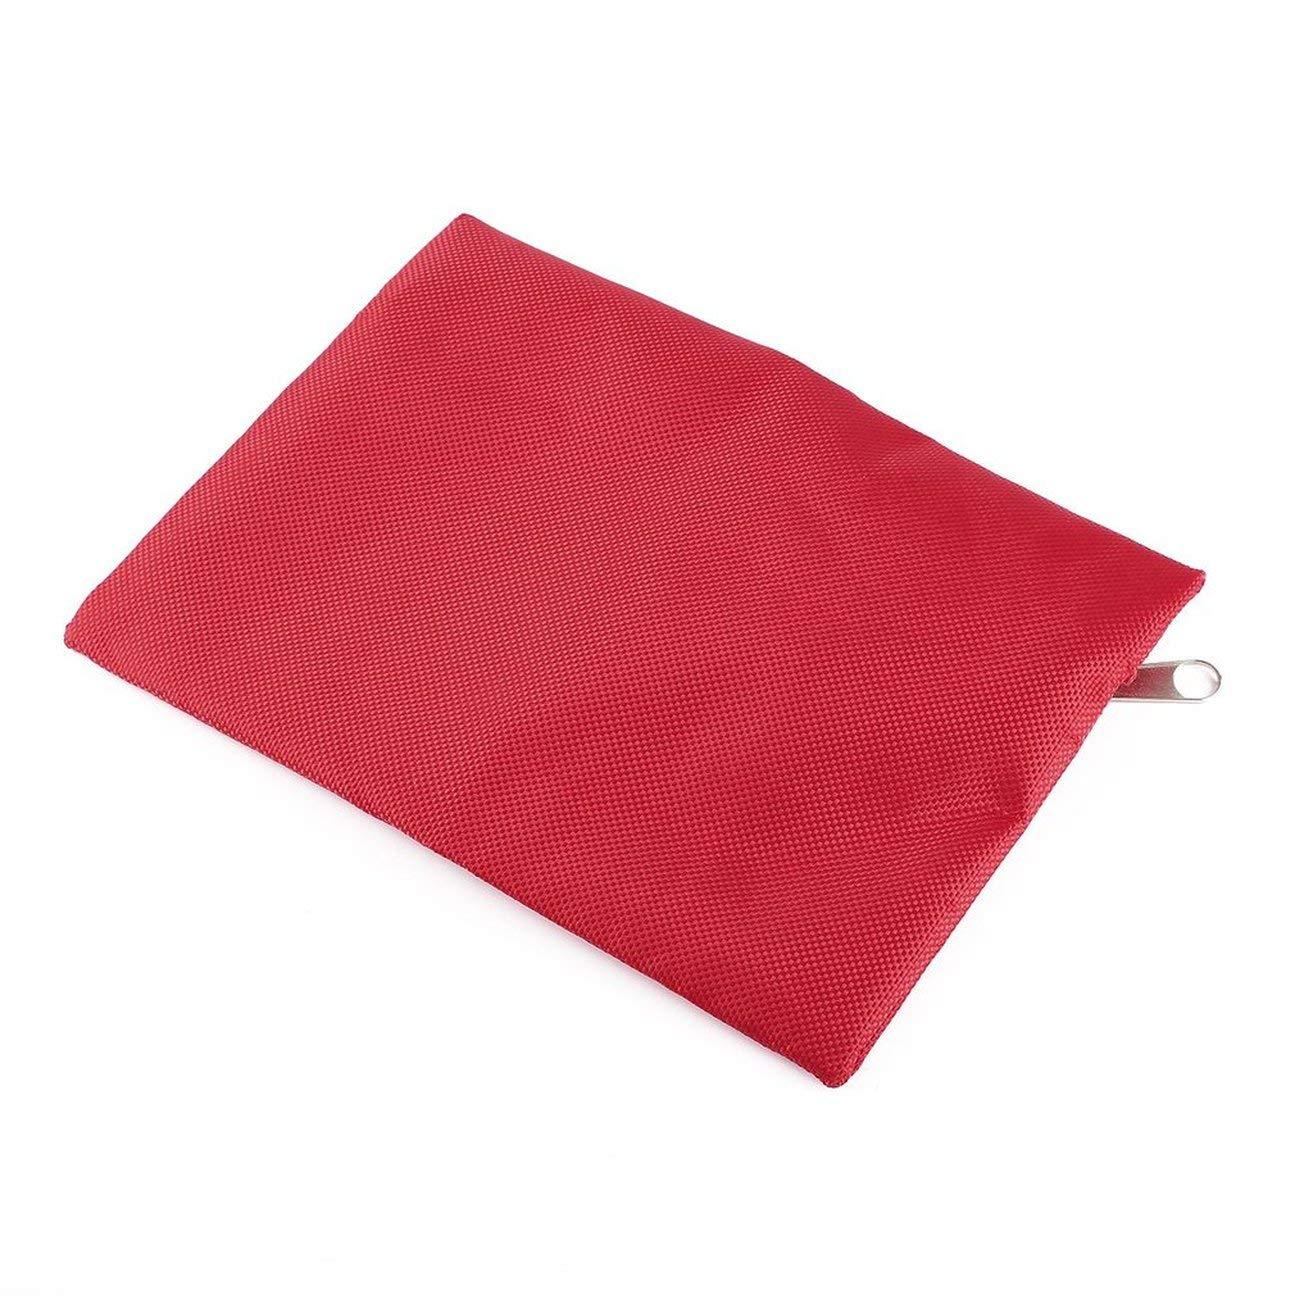 MachinYesell 1.4L Portable Trousse de Secours durgence Pochette Voyage Sport Sauvetage Traitement m/édical Chasse en Plein air Camping Premiers Soins Kit Rouge Chaud